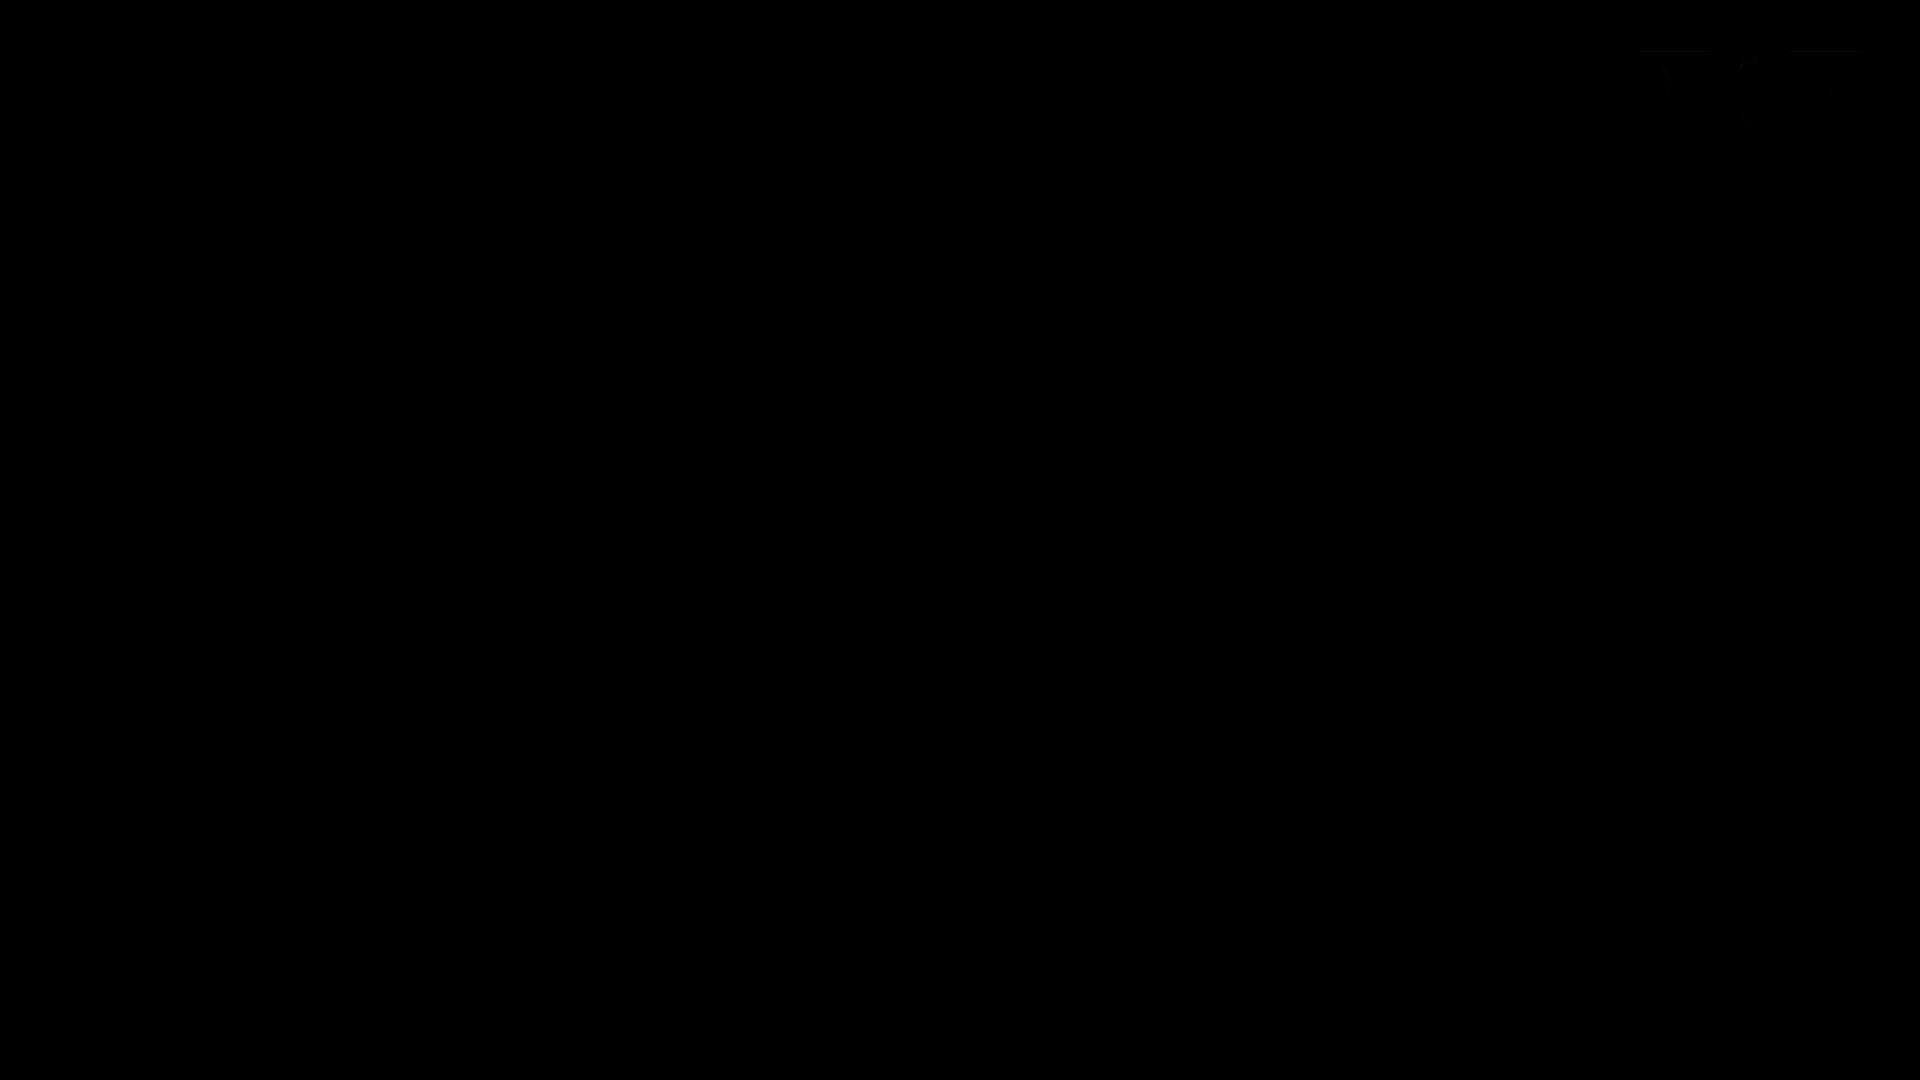 芸術大学ガチ潜入盗撮 JD盗撮 美女の洗面所の秘密 Vol.108 高画質  83PIX 25